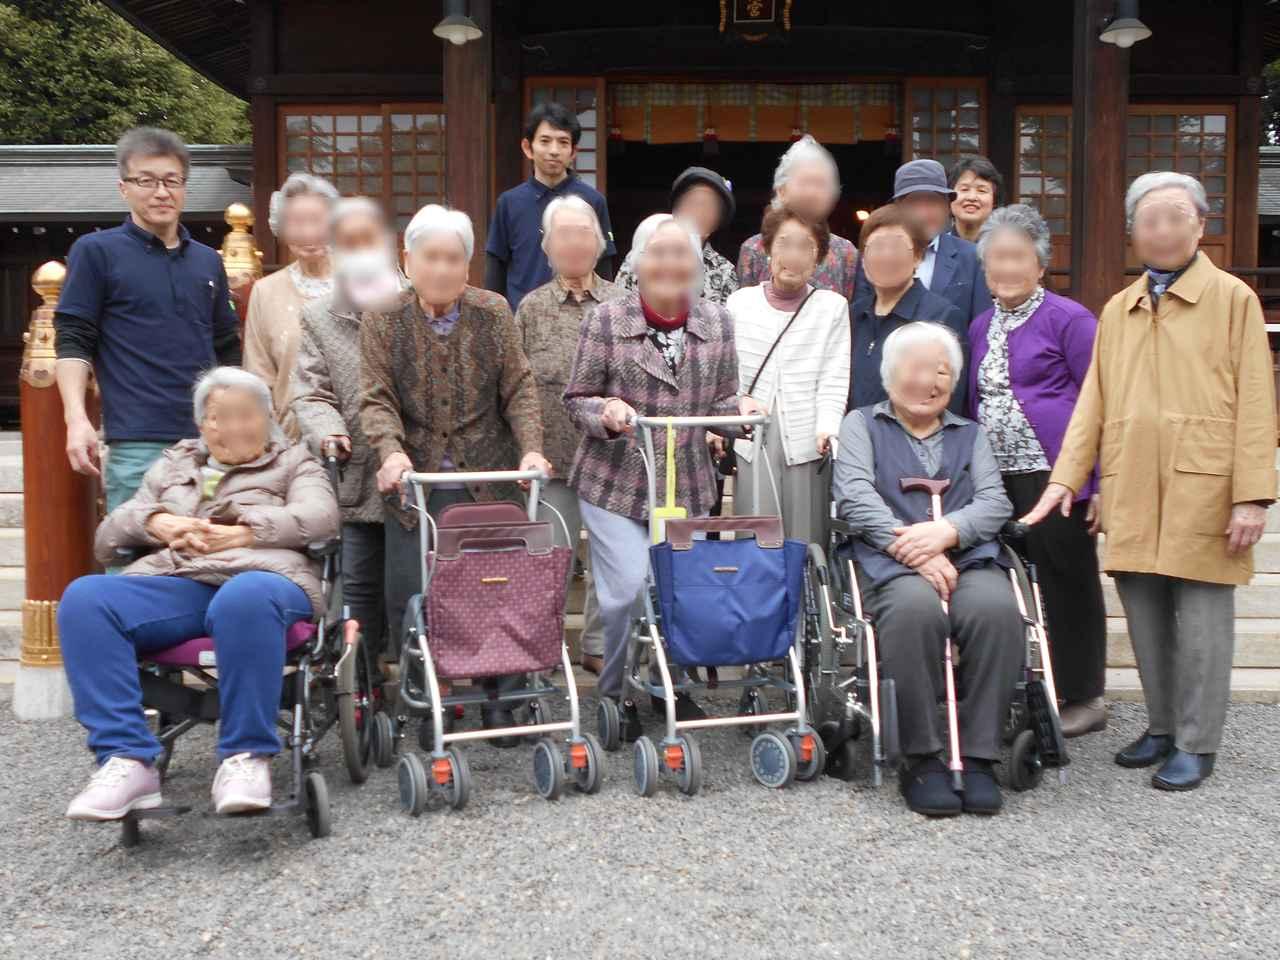 画像: 午後は近隣の神社へ。 これまでの時間に感謝し、新しい年が良い年になるよう祈願しました。